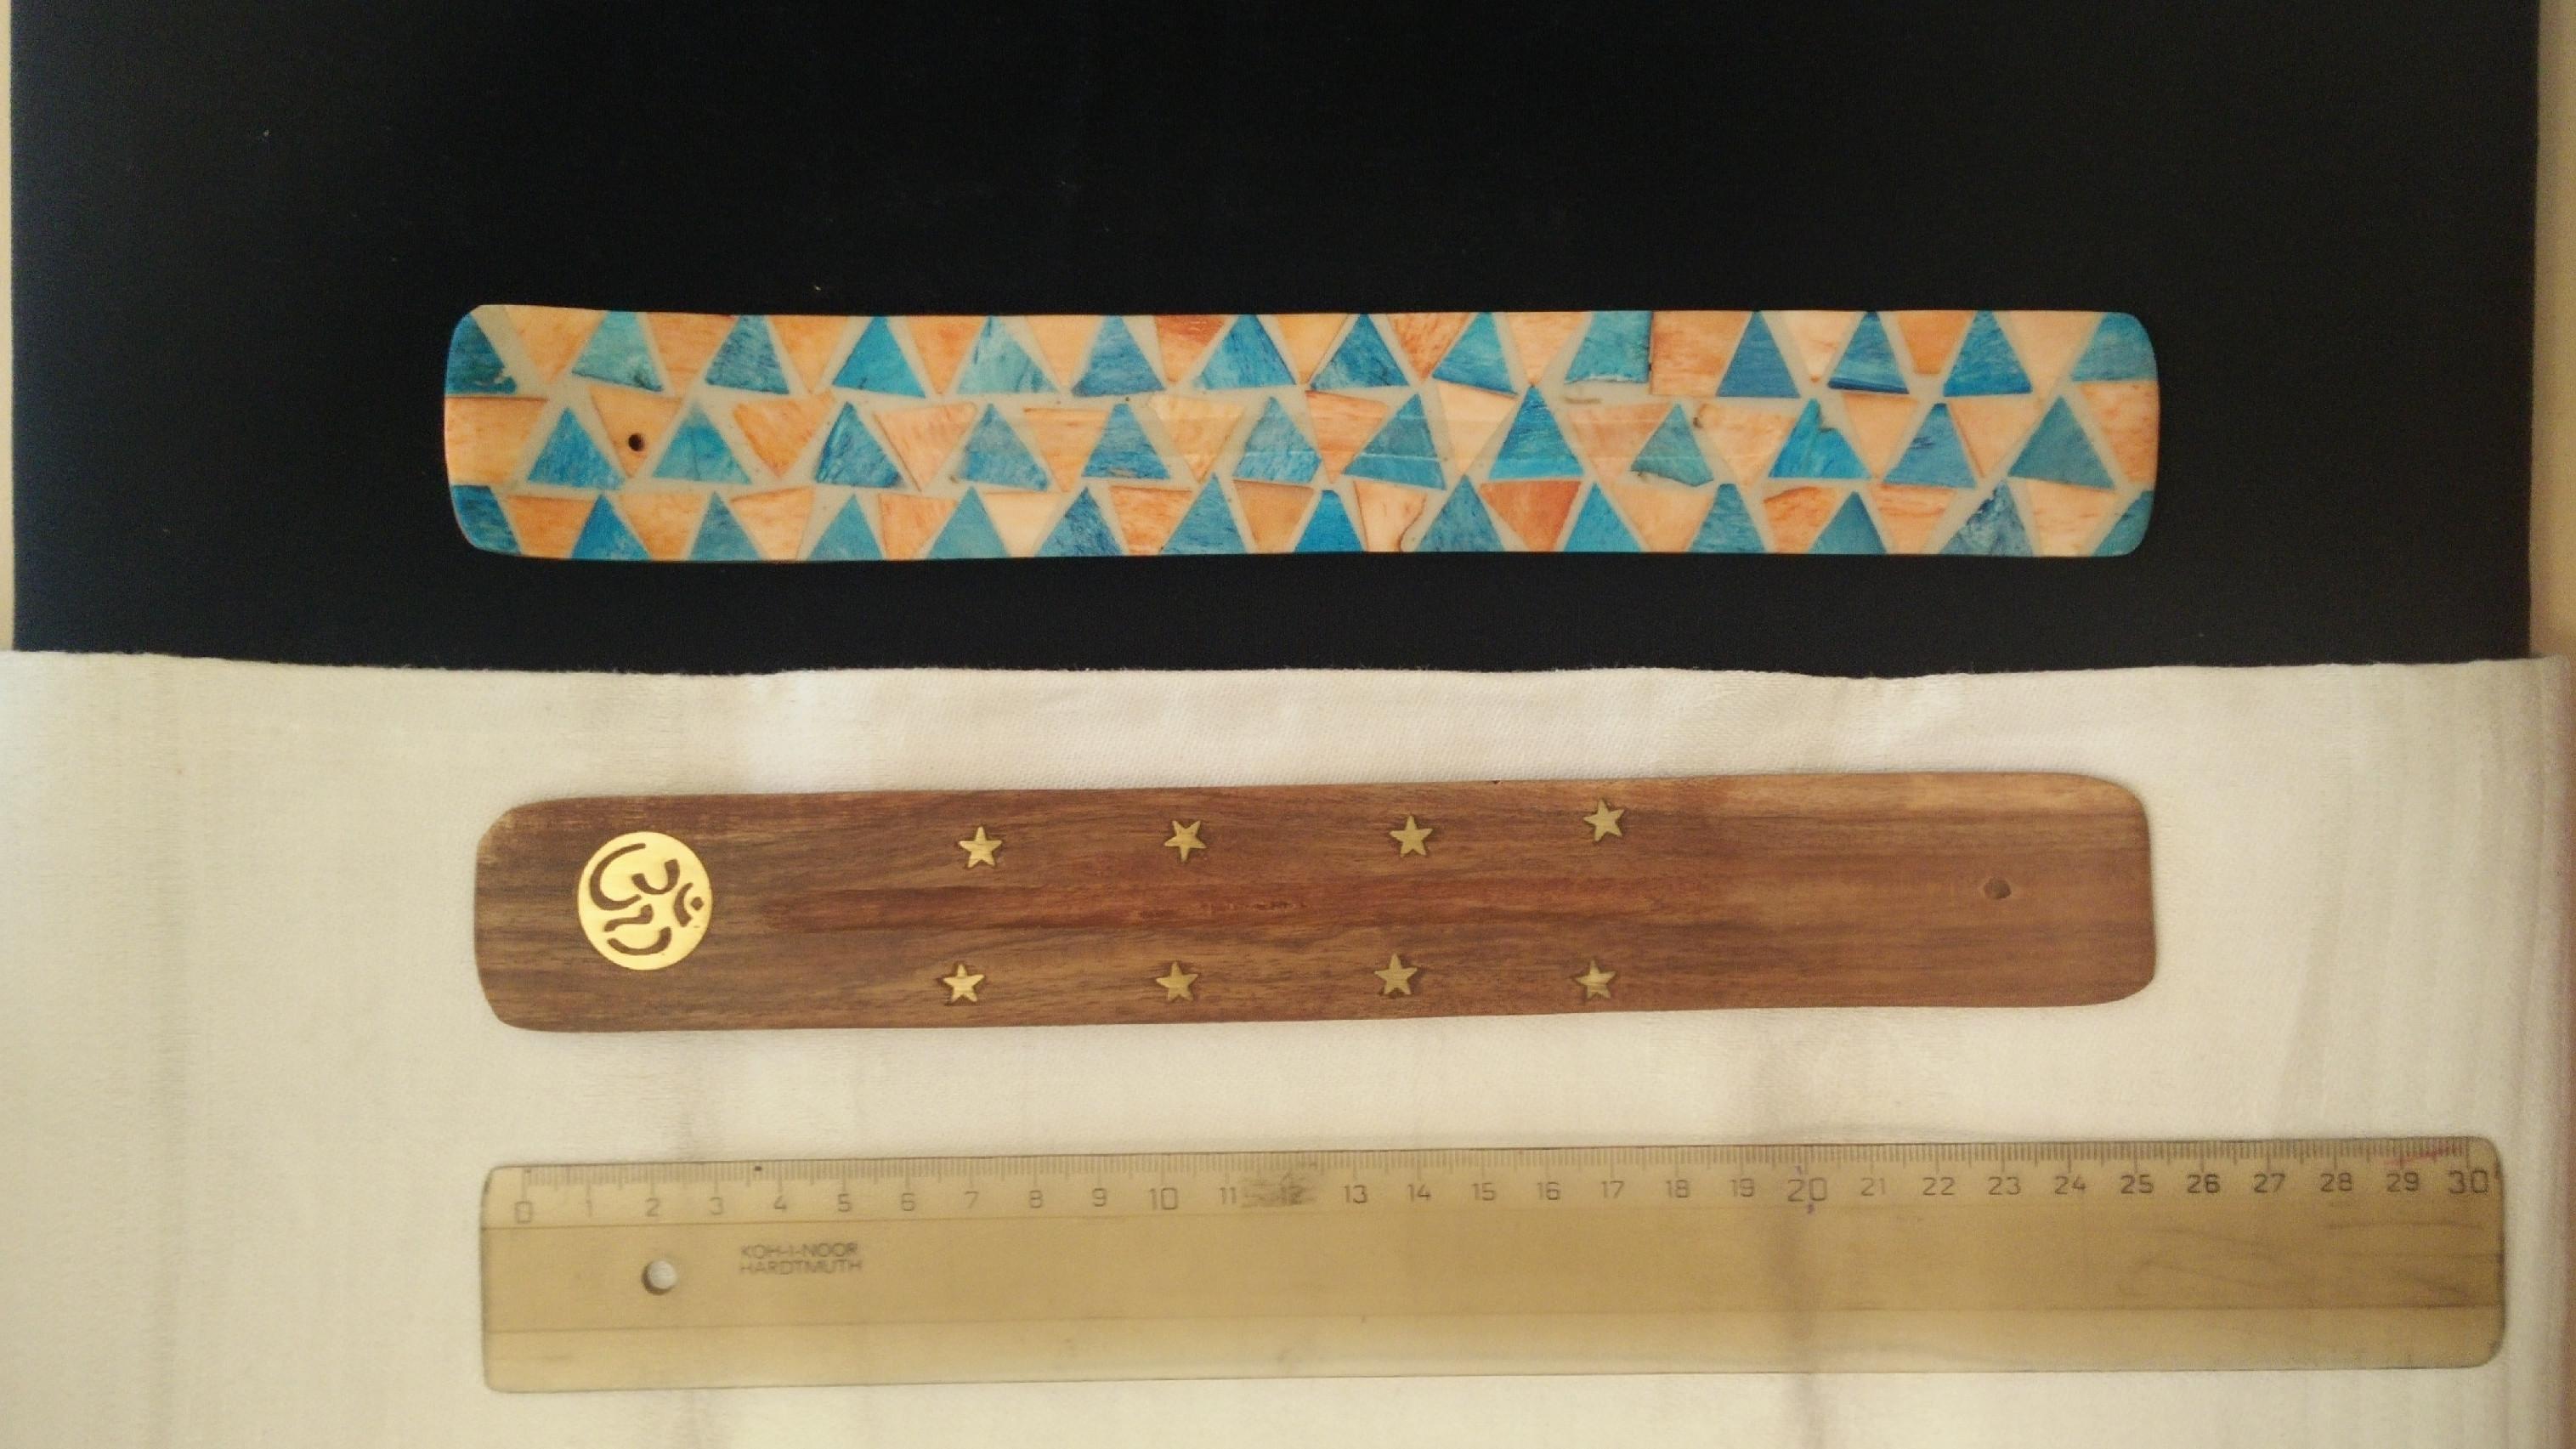 Svícny, stojánky, dózičky provedení - vzhled, materiál: dřevo - s mosaznými hvězdičkami